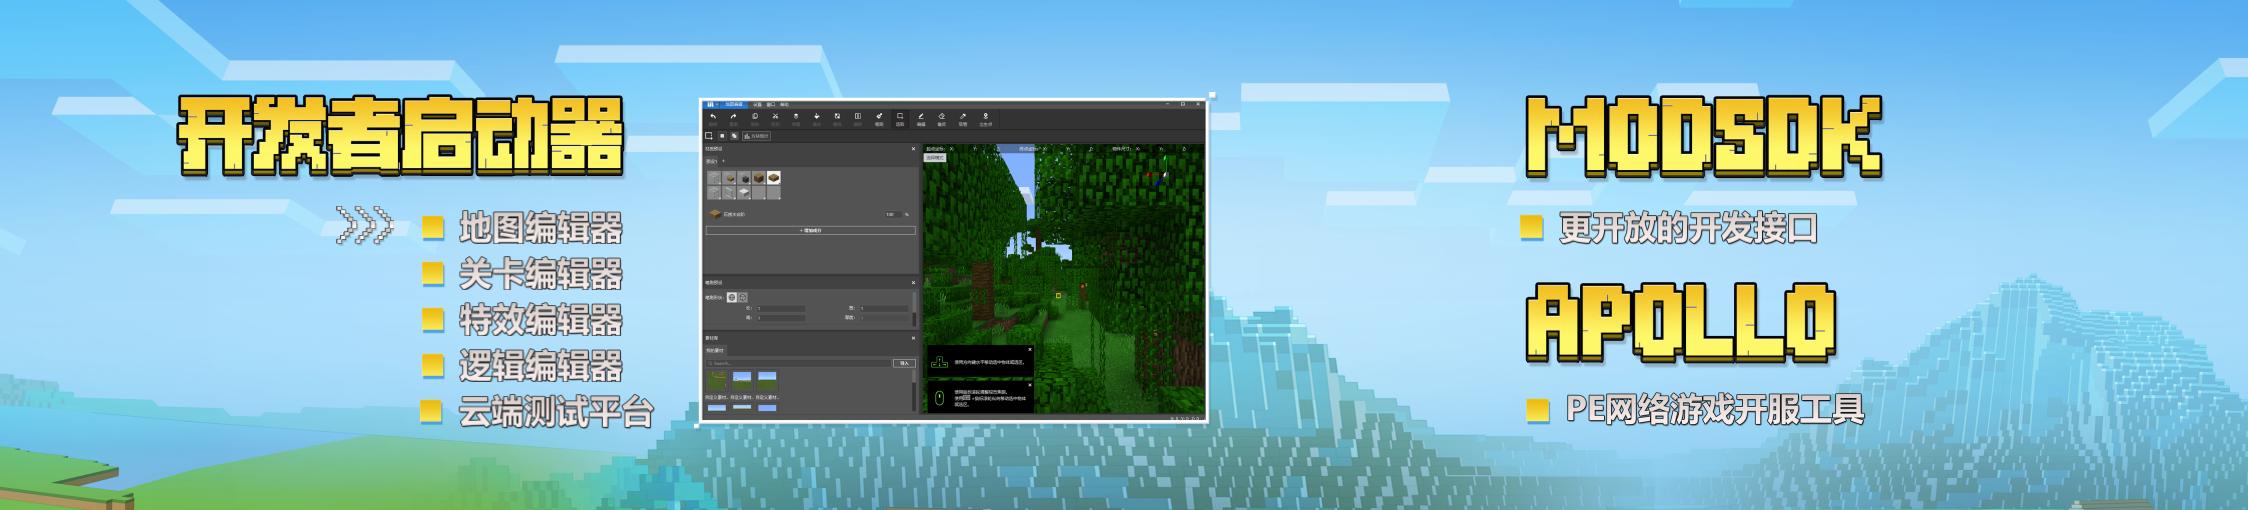 《我的世界》全新开发者工具亮相   村庄版本即将重磅来袭